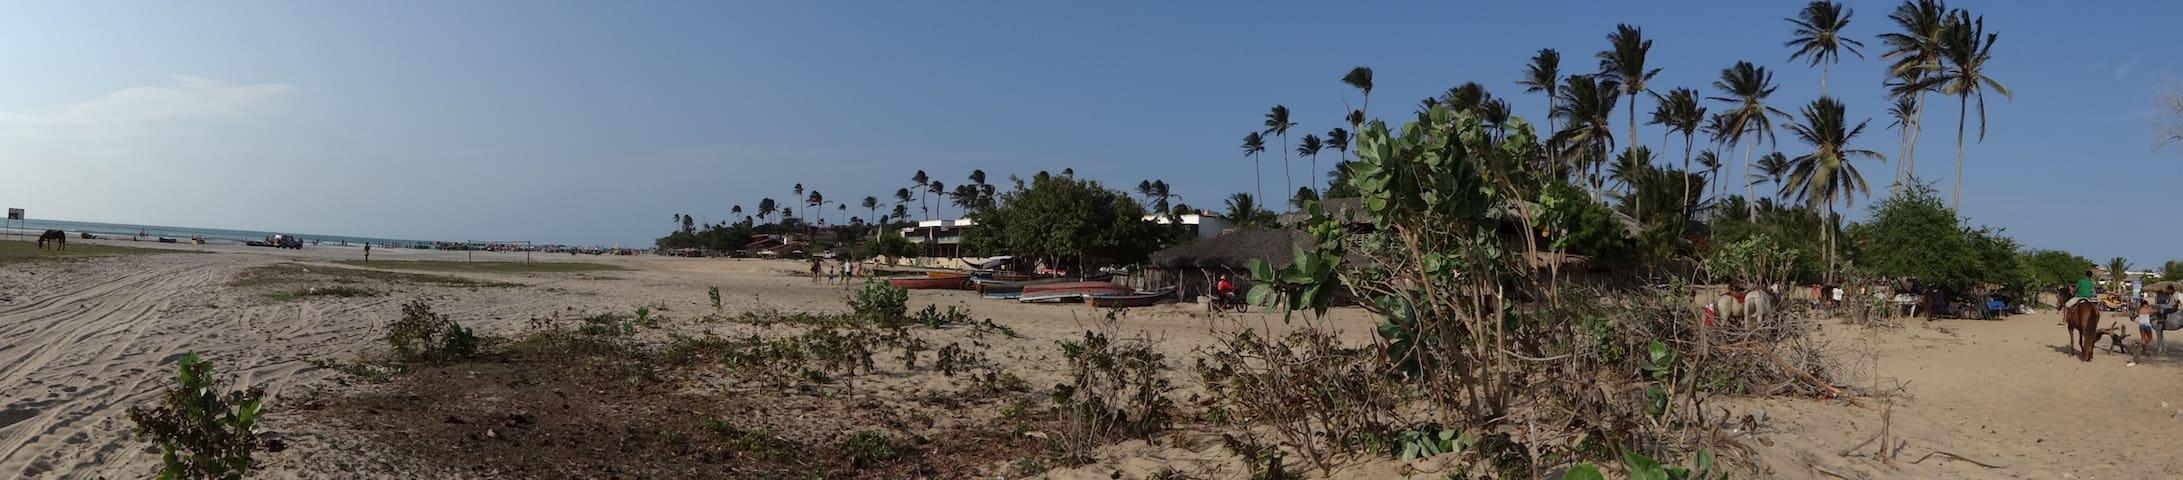 Jericoarcoara Family House - Jijoca de Jericoacoara - Dom